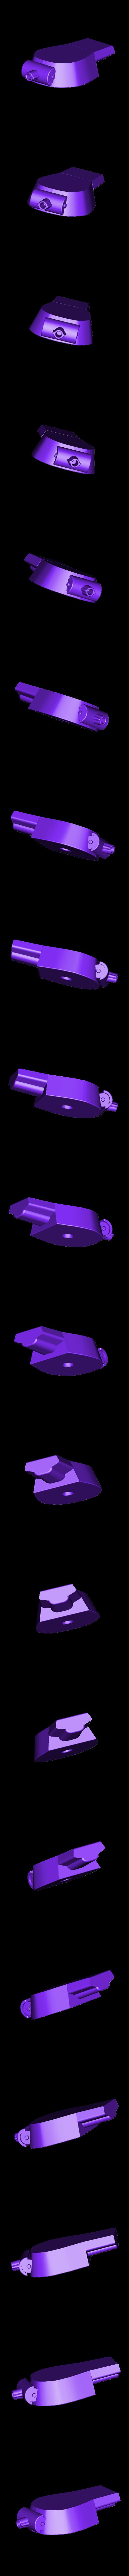 tank2.stl Télécharger fichier STL gratuit Z Réservoir • Modèle imprimable en 3D, Zortrax